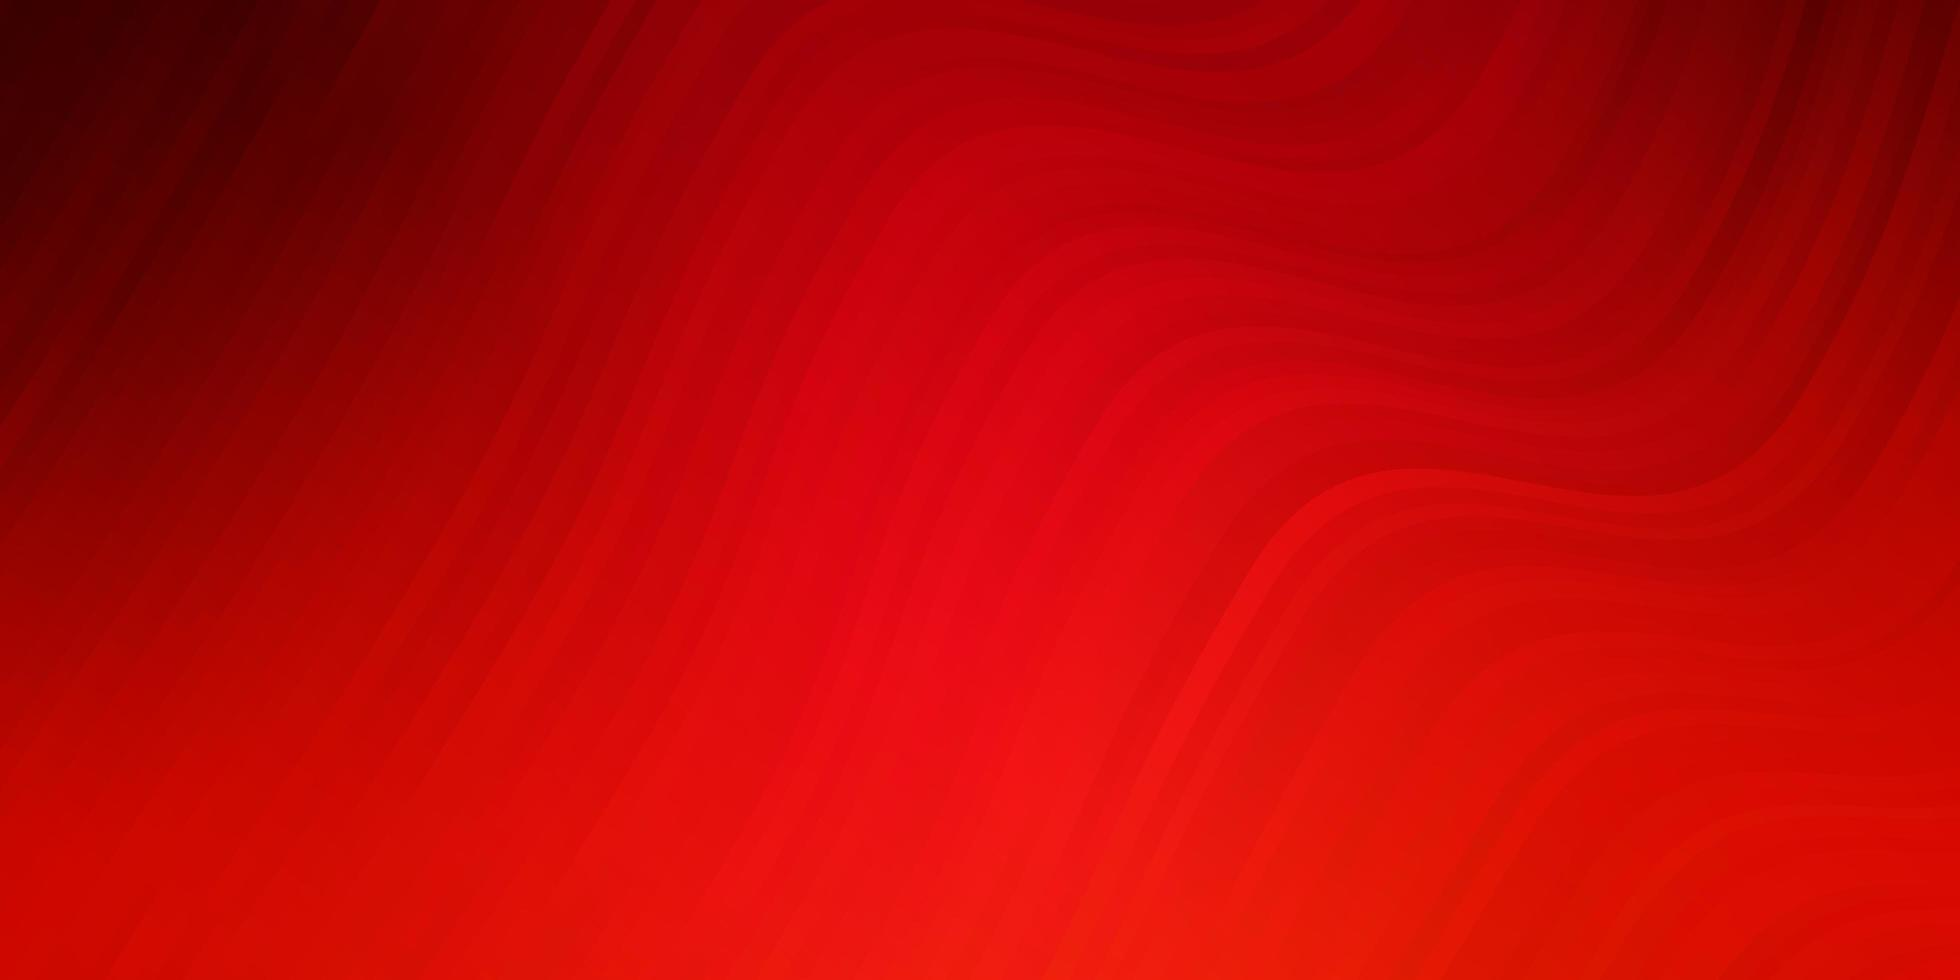 fond de vecteur rouge clair avec des lignes courbes.